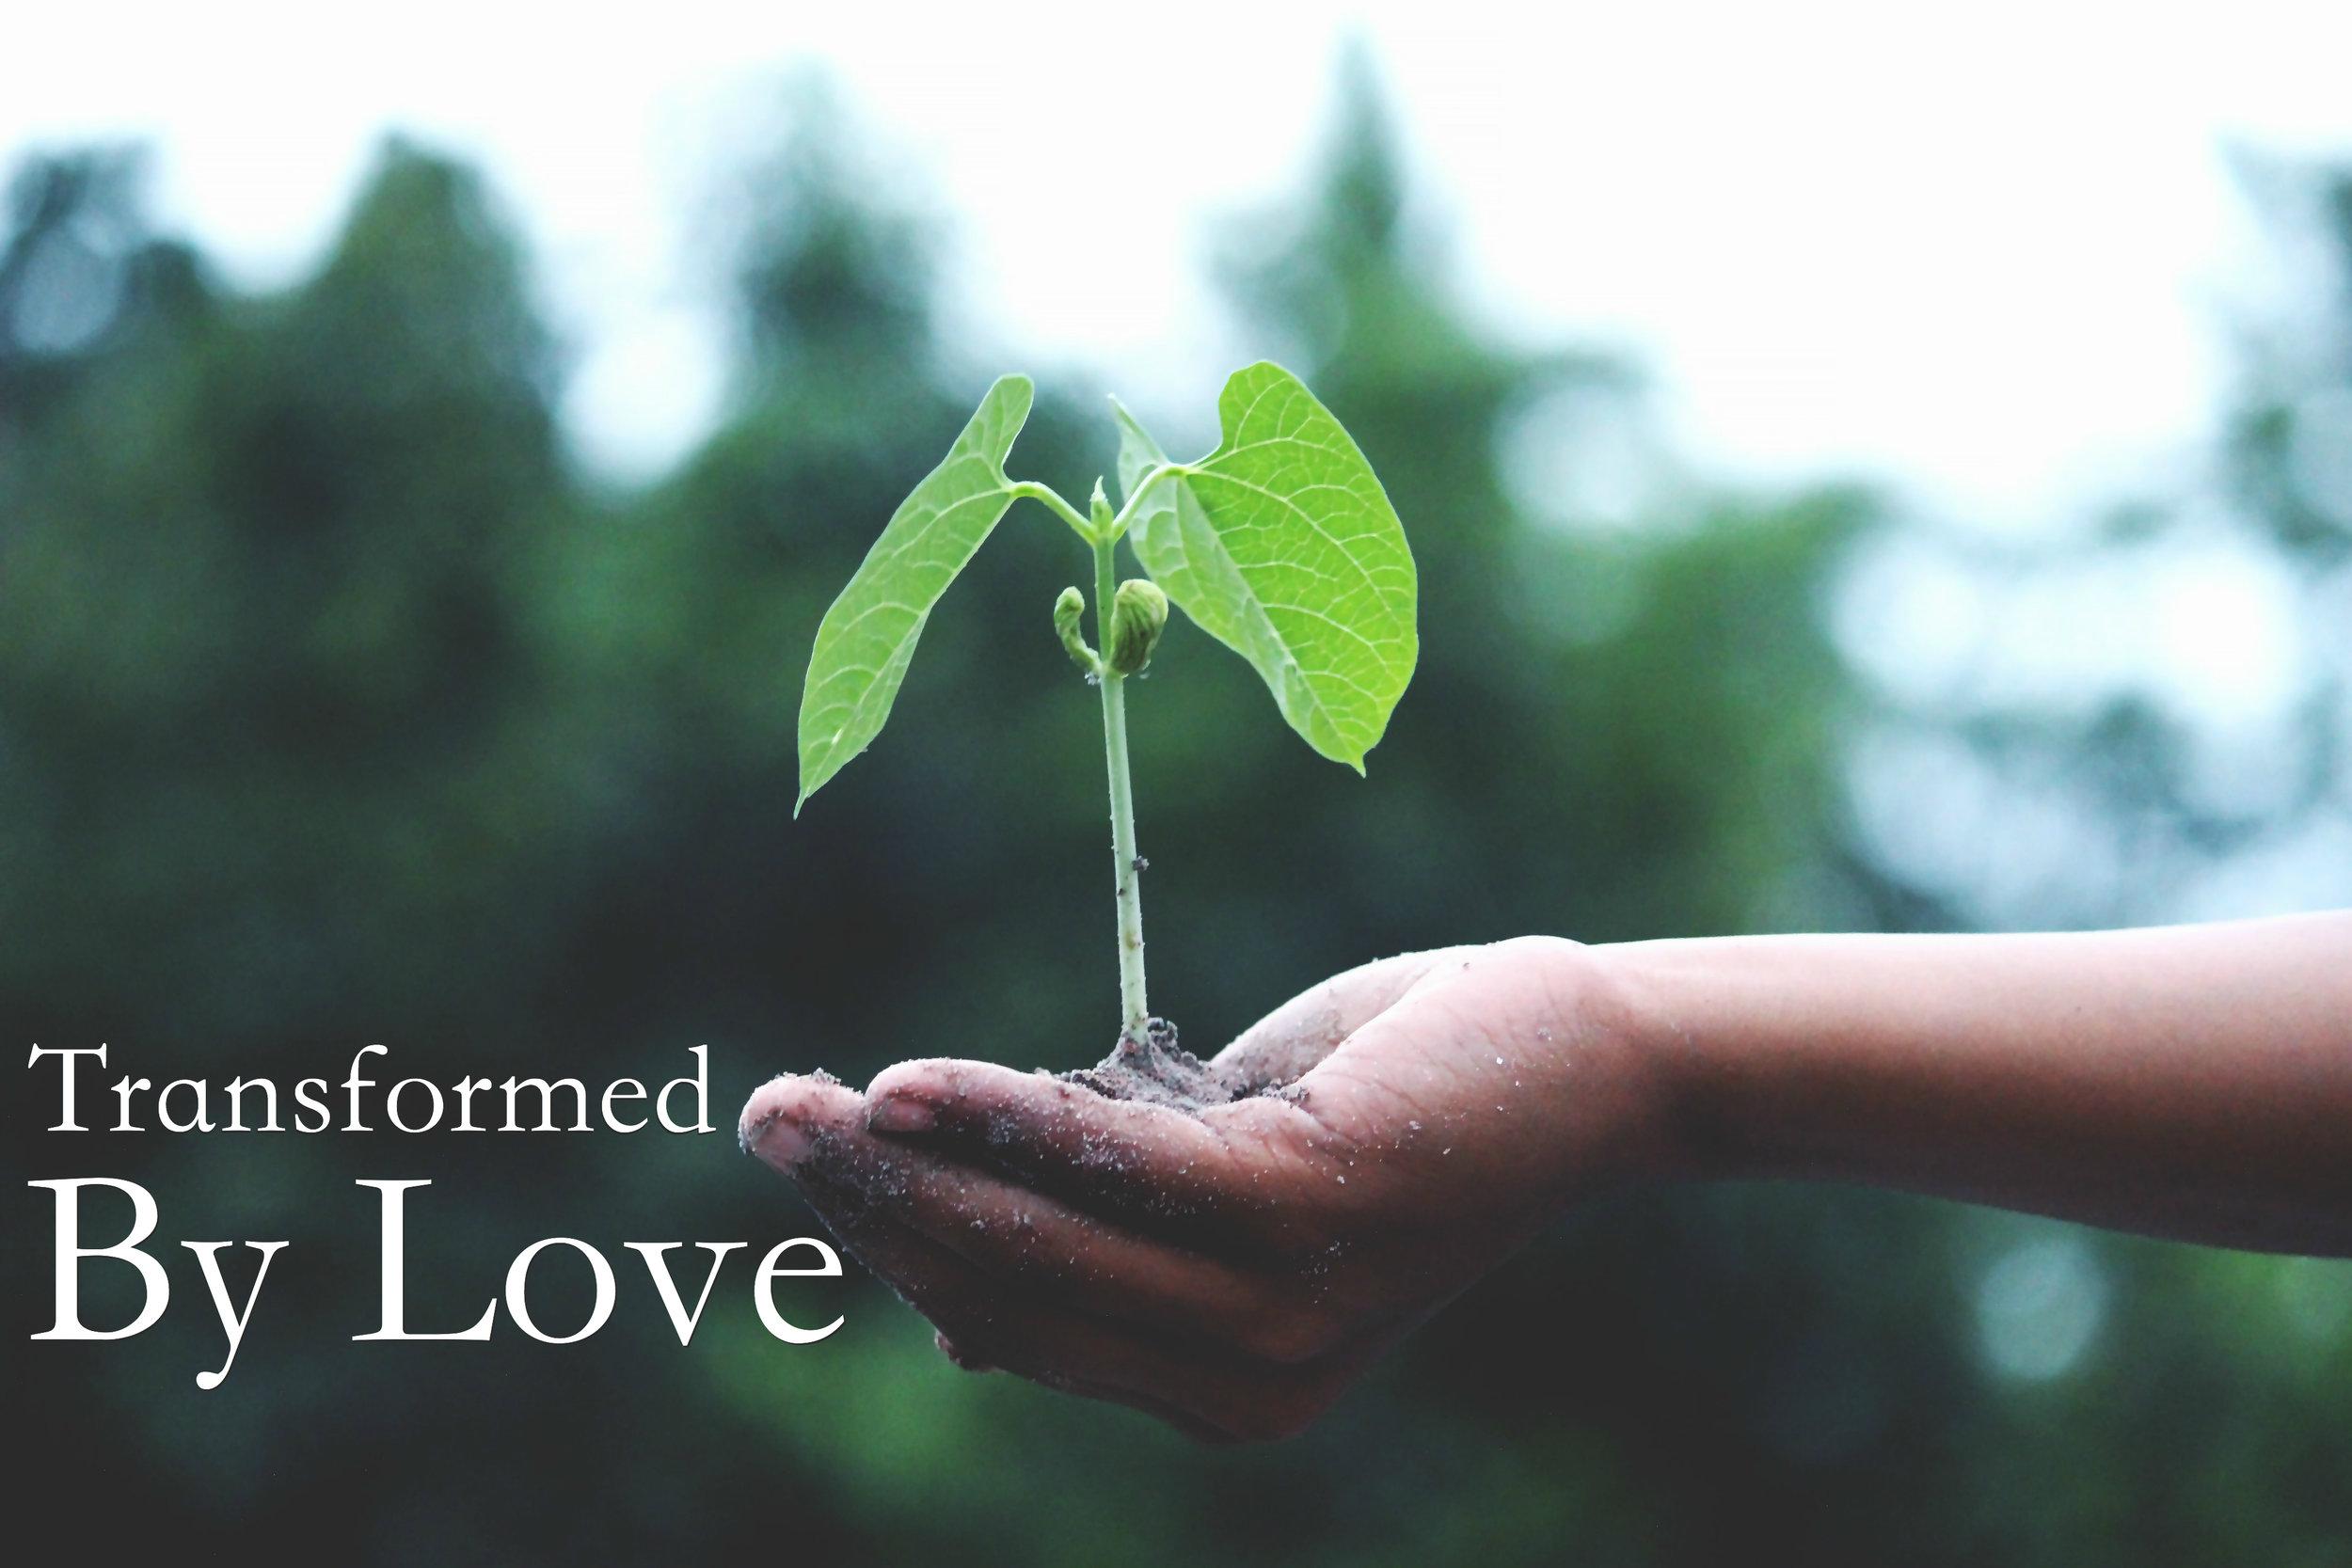 transformed by love 2.jpg